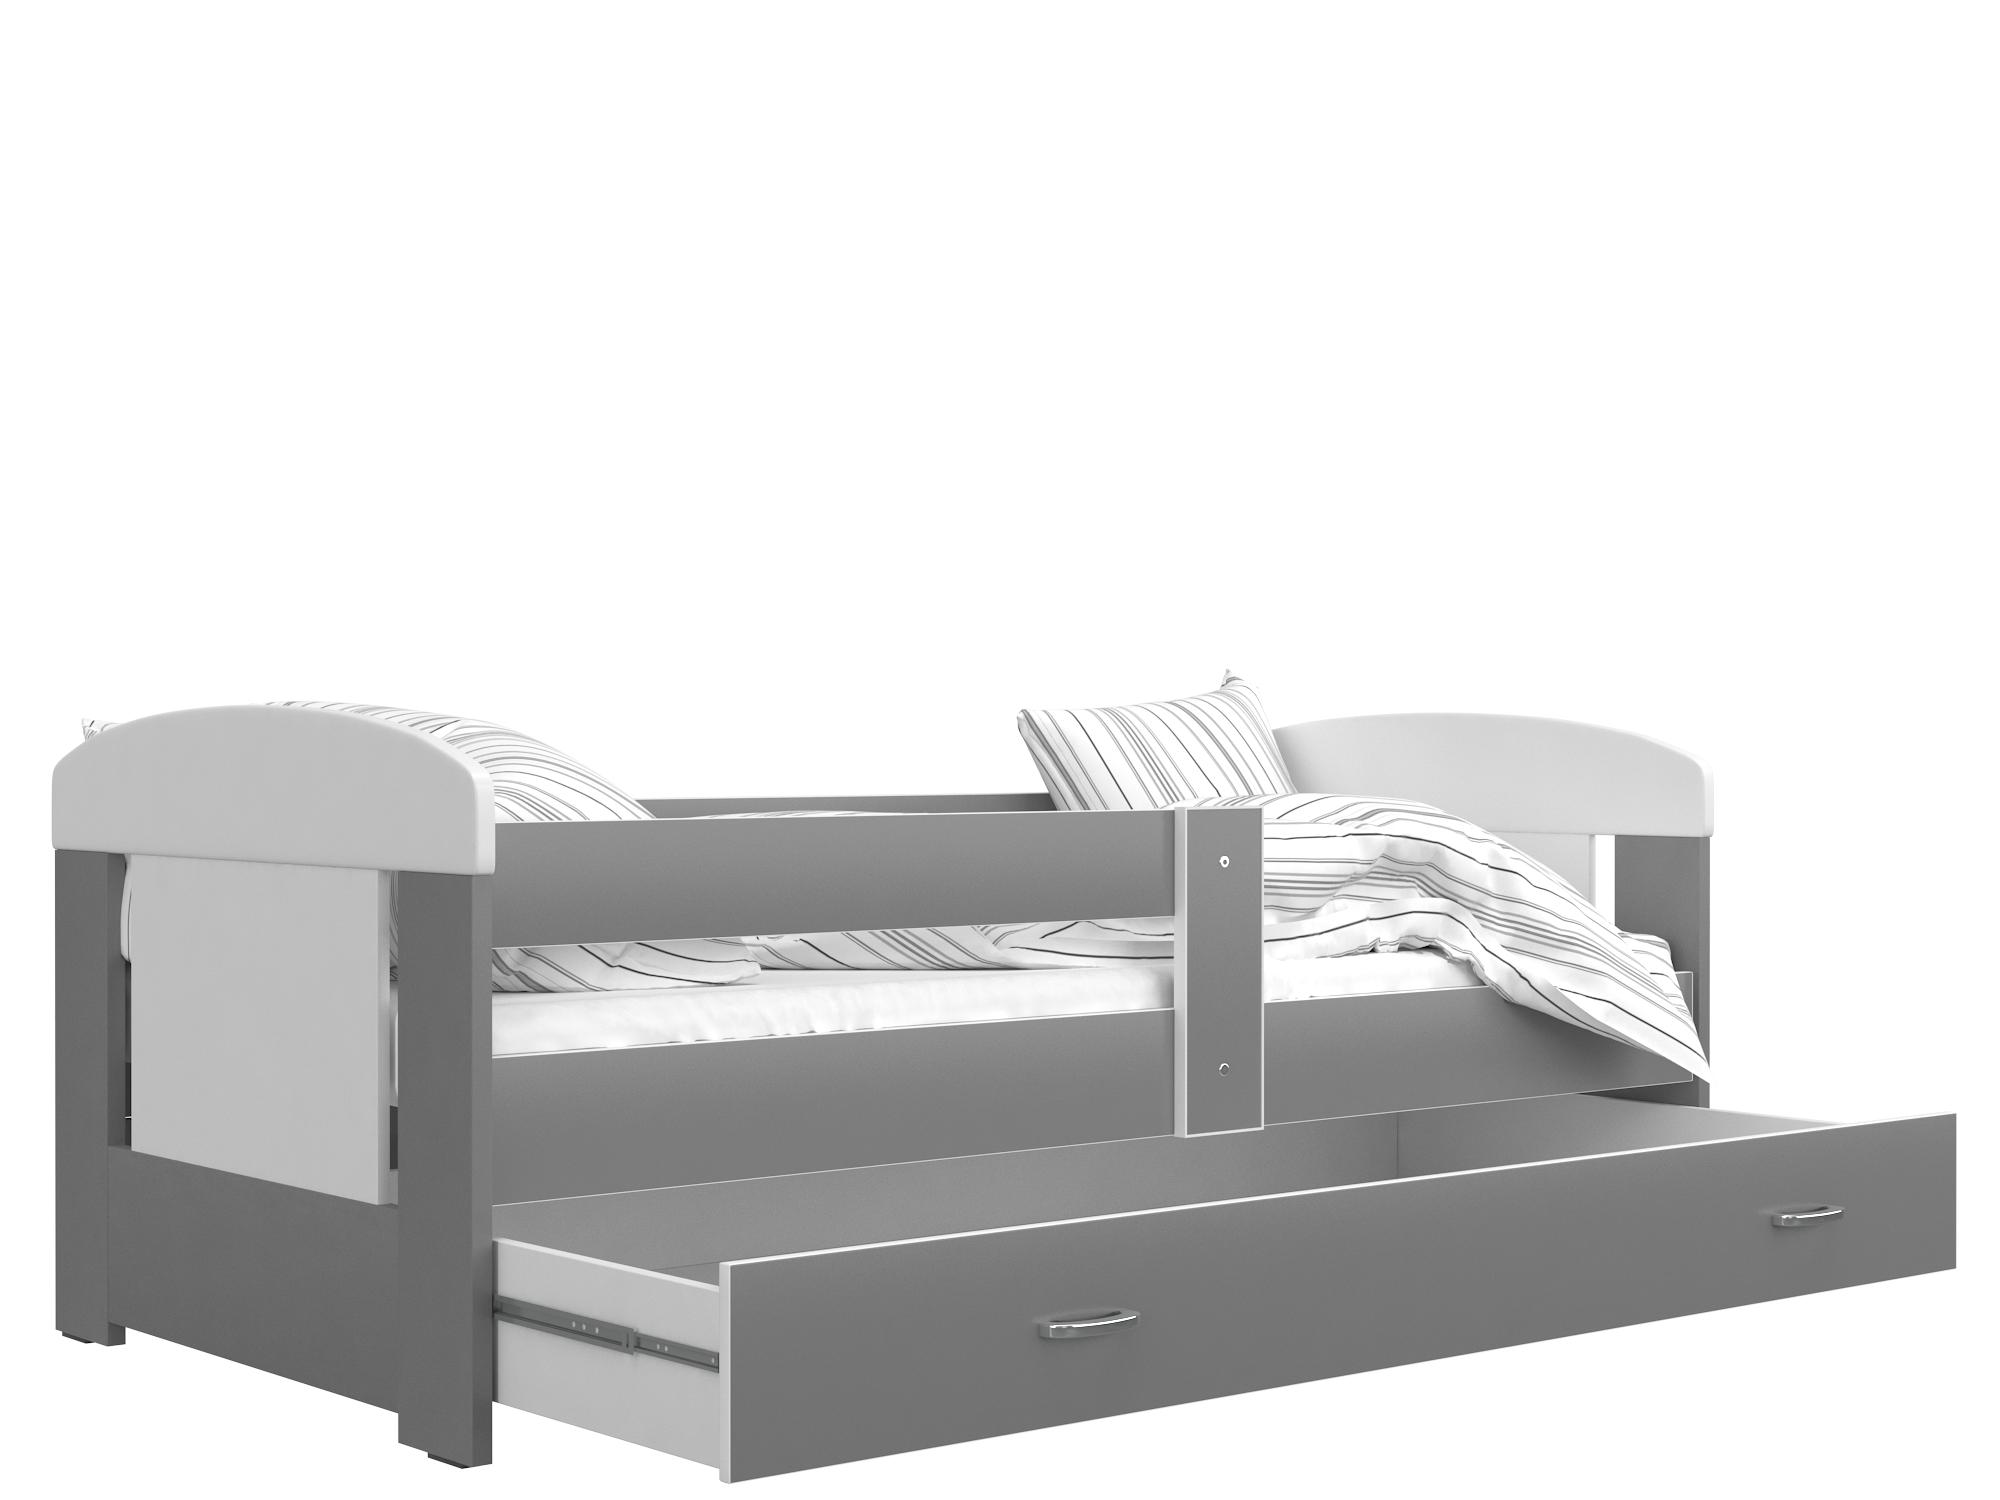 ArtAJ Detská posteľ FILIP COLOR / 160 x 80 cm Farba: biela / sivá